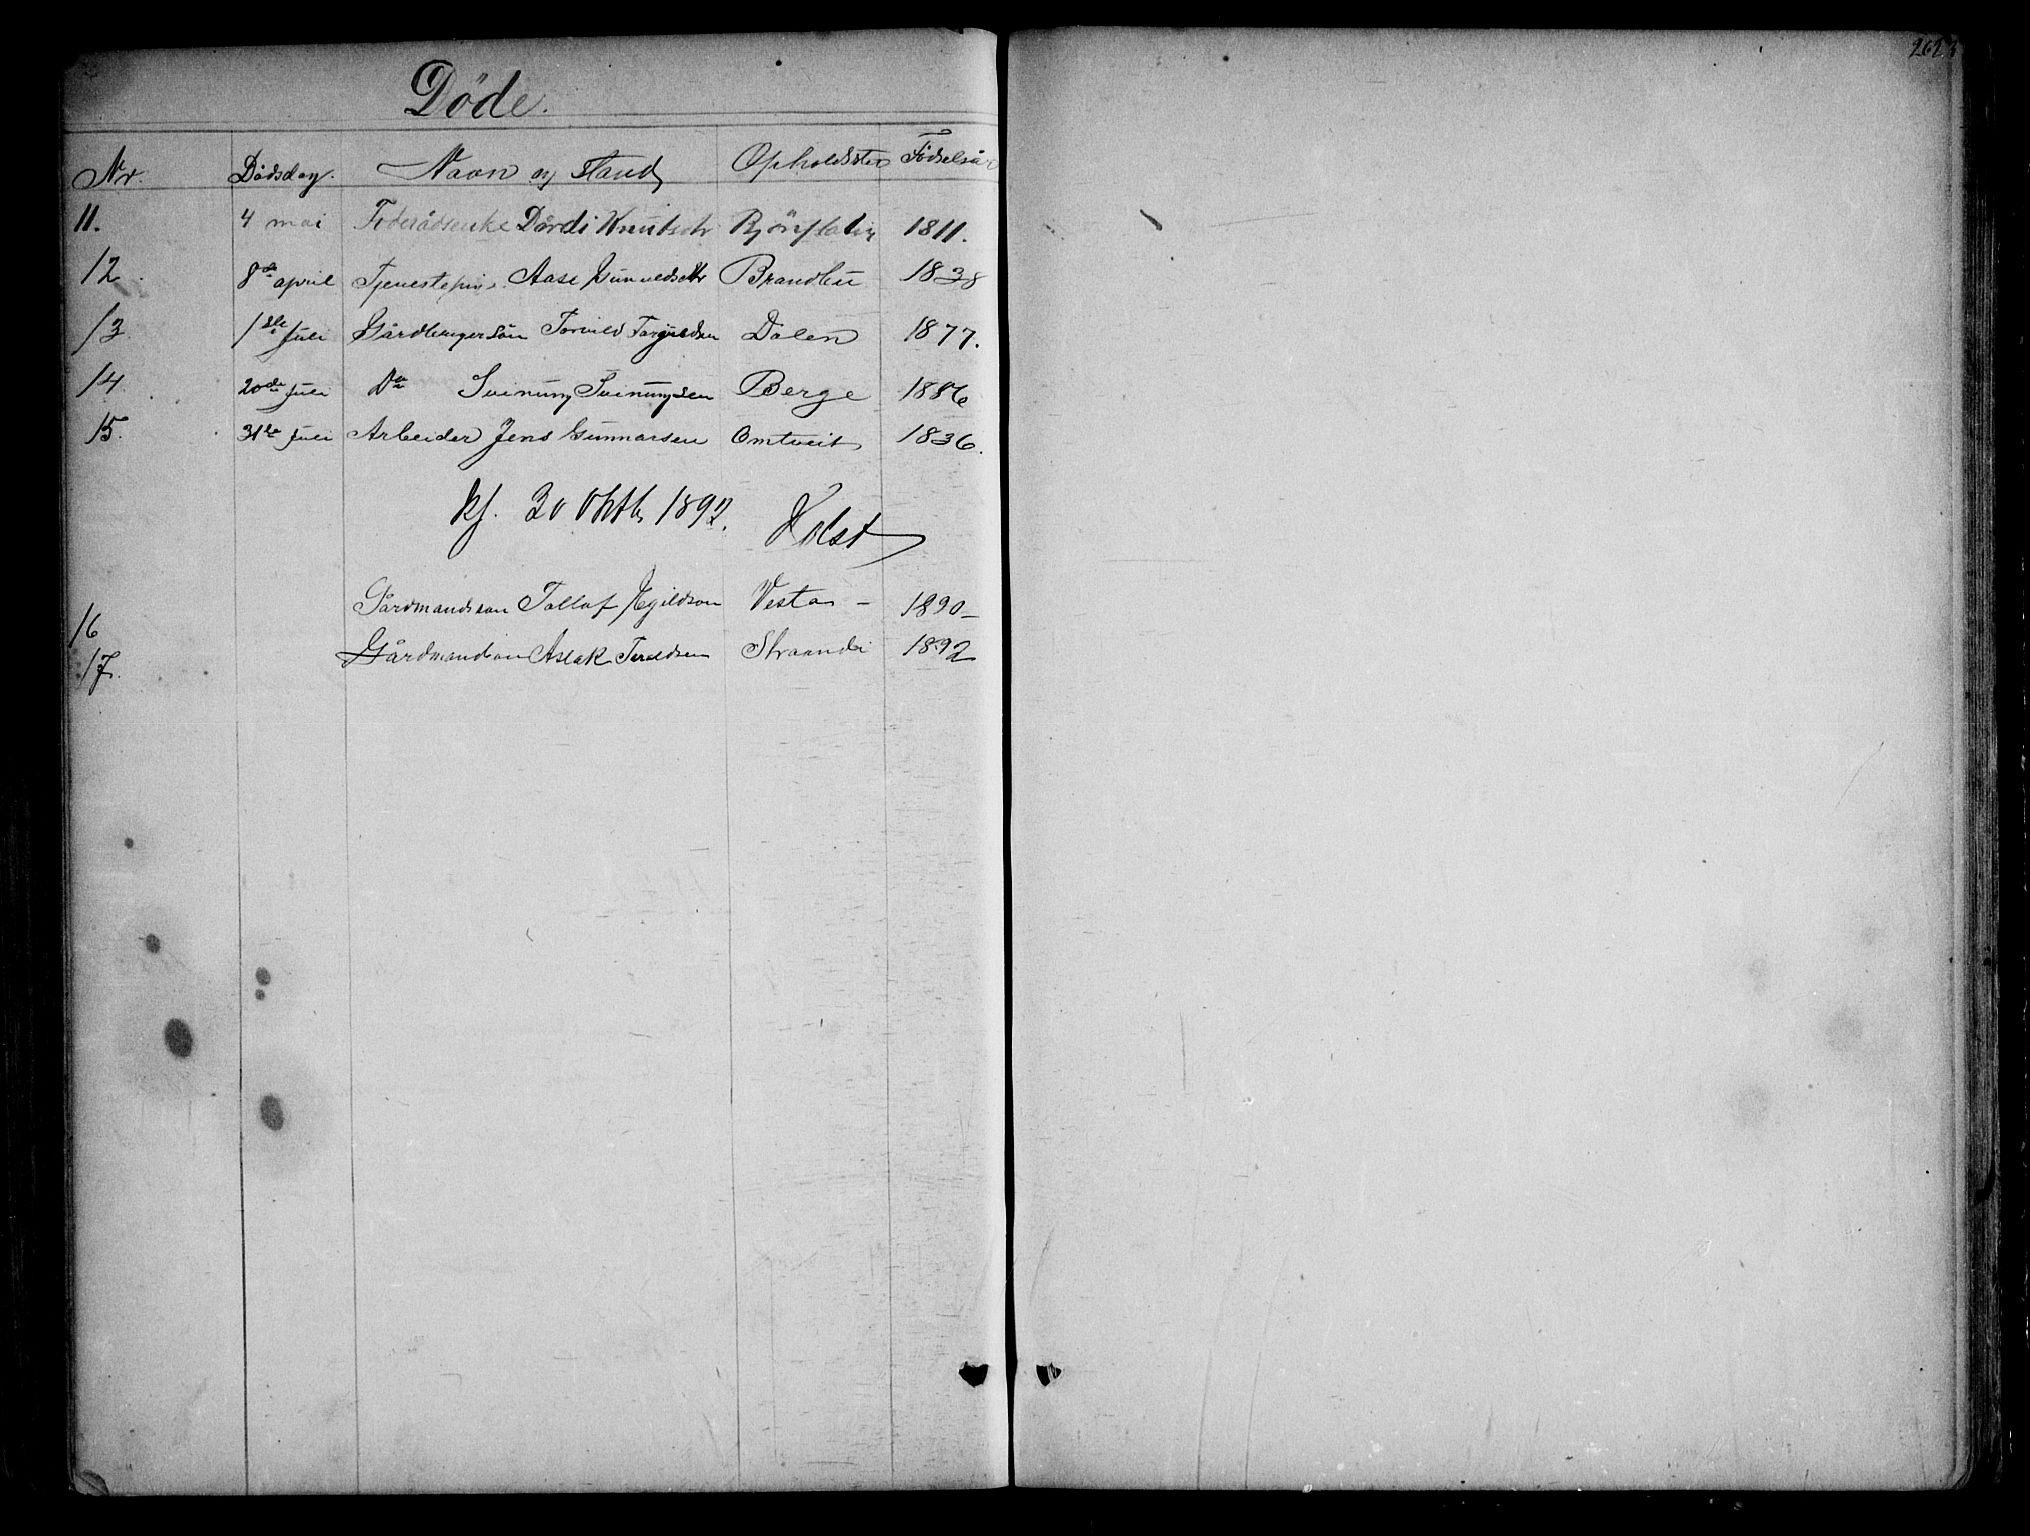 SAKO, Kviteseid kirkebøker, G/Gb/L0002: Klokkerbok nr. II 2, 1850-1892, s. 262